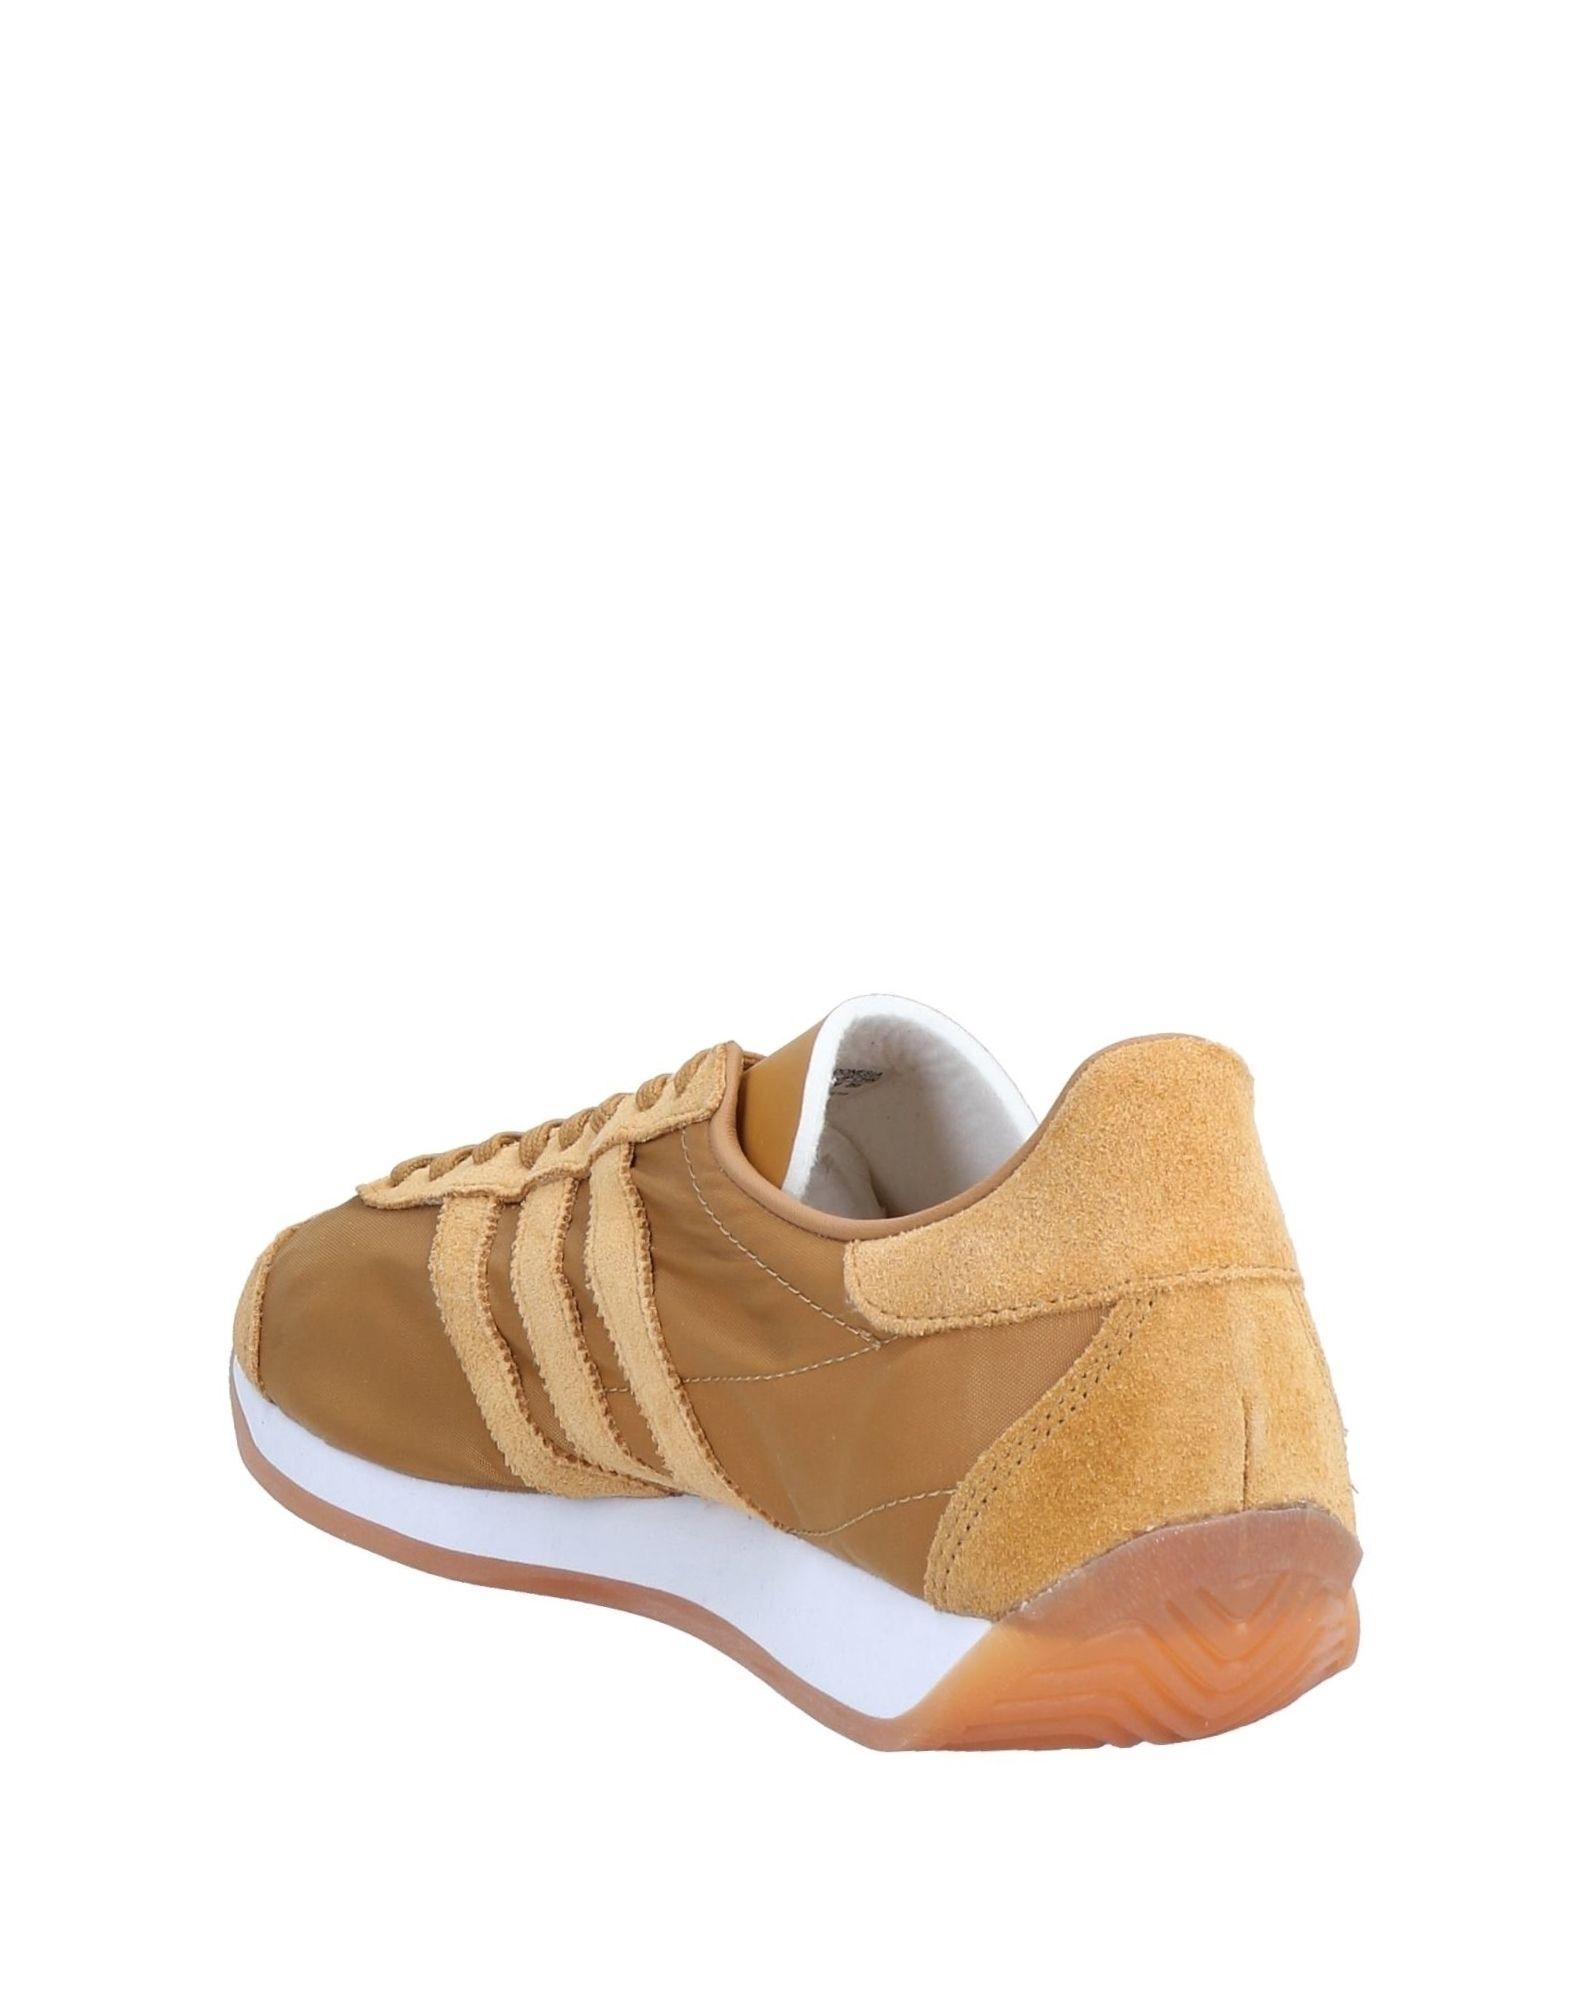 Adidas Adidas Adidas Originals Sneakers Herren Gutes Preis-Leistungs-Verhältnis, es lohnt sich 737329